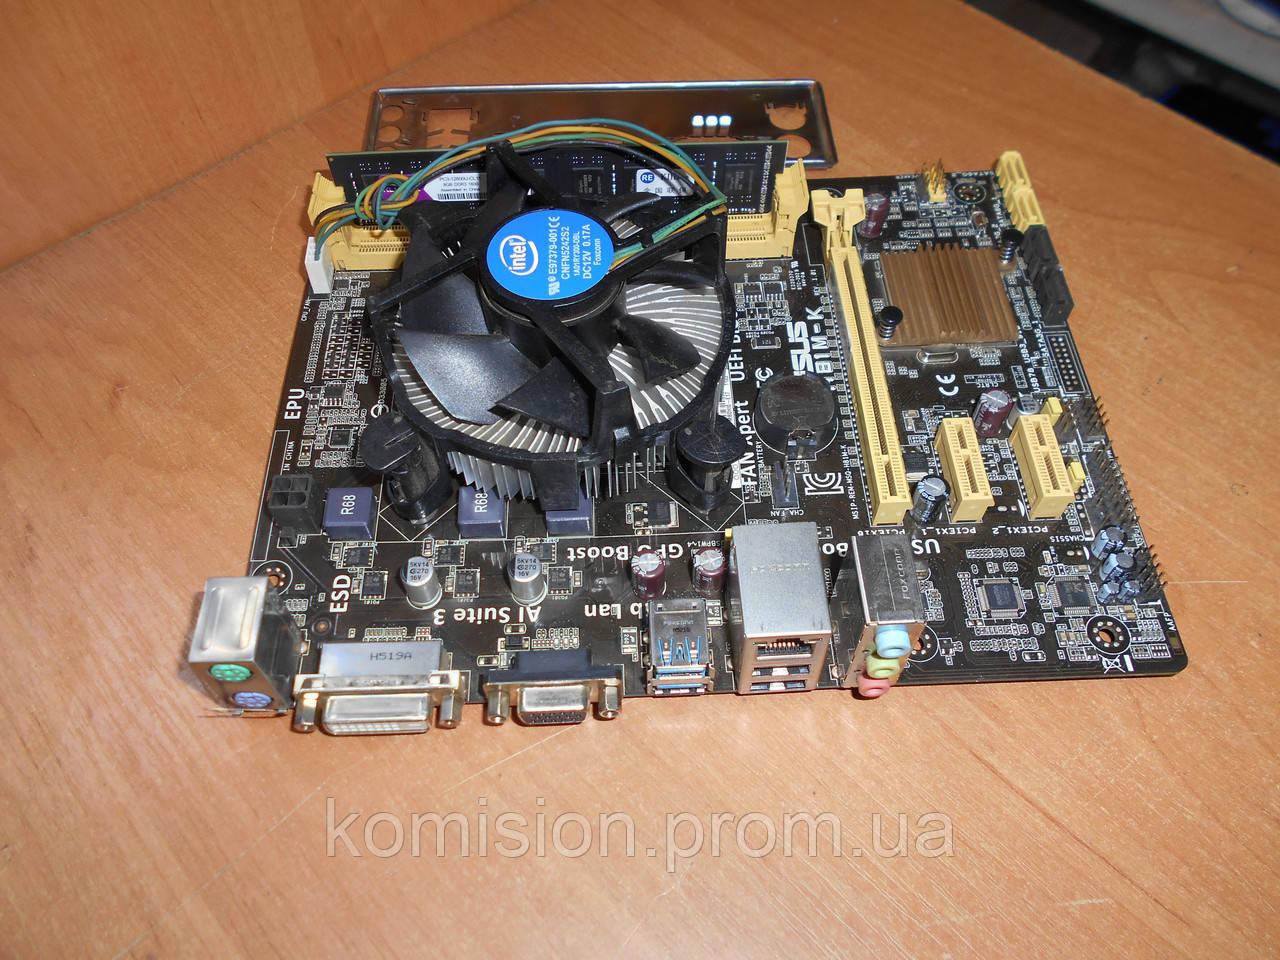 Материнская плата ASUS H81M-K s1150 + Core i3-4160 3,6 GHz + ОЗУ 4 Gb